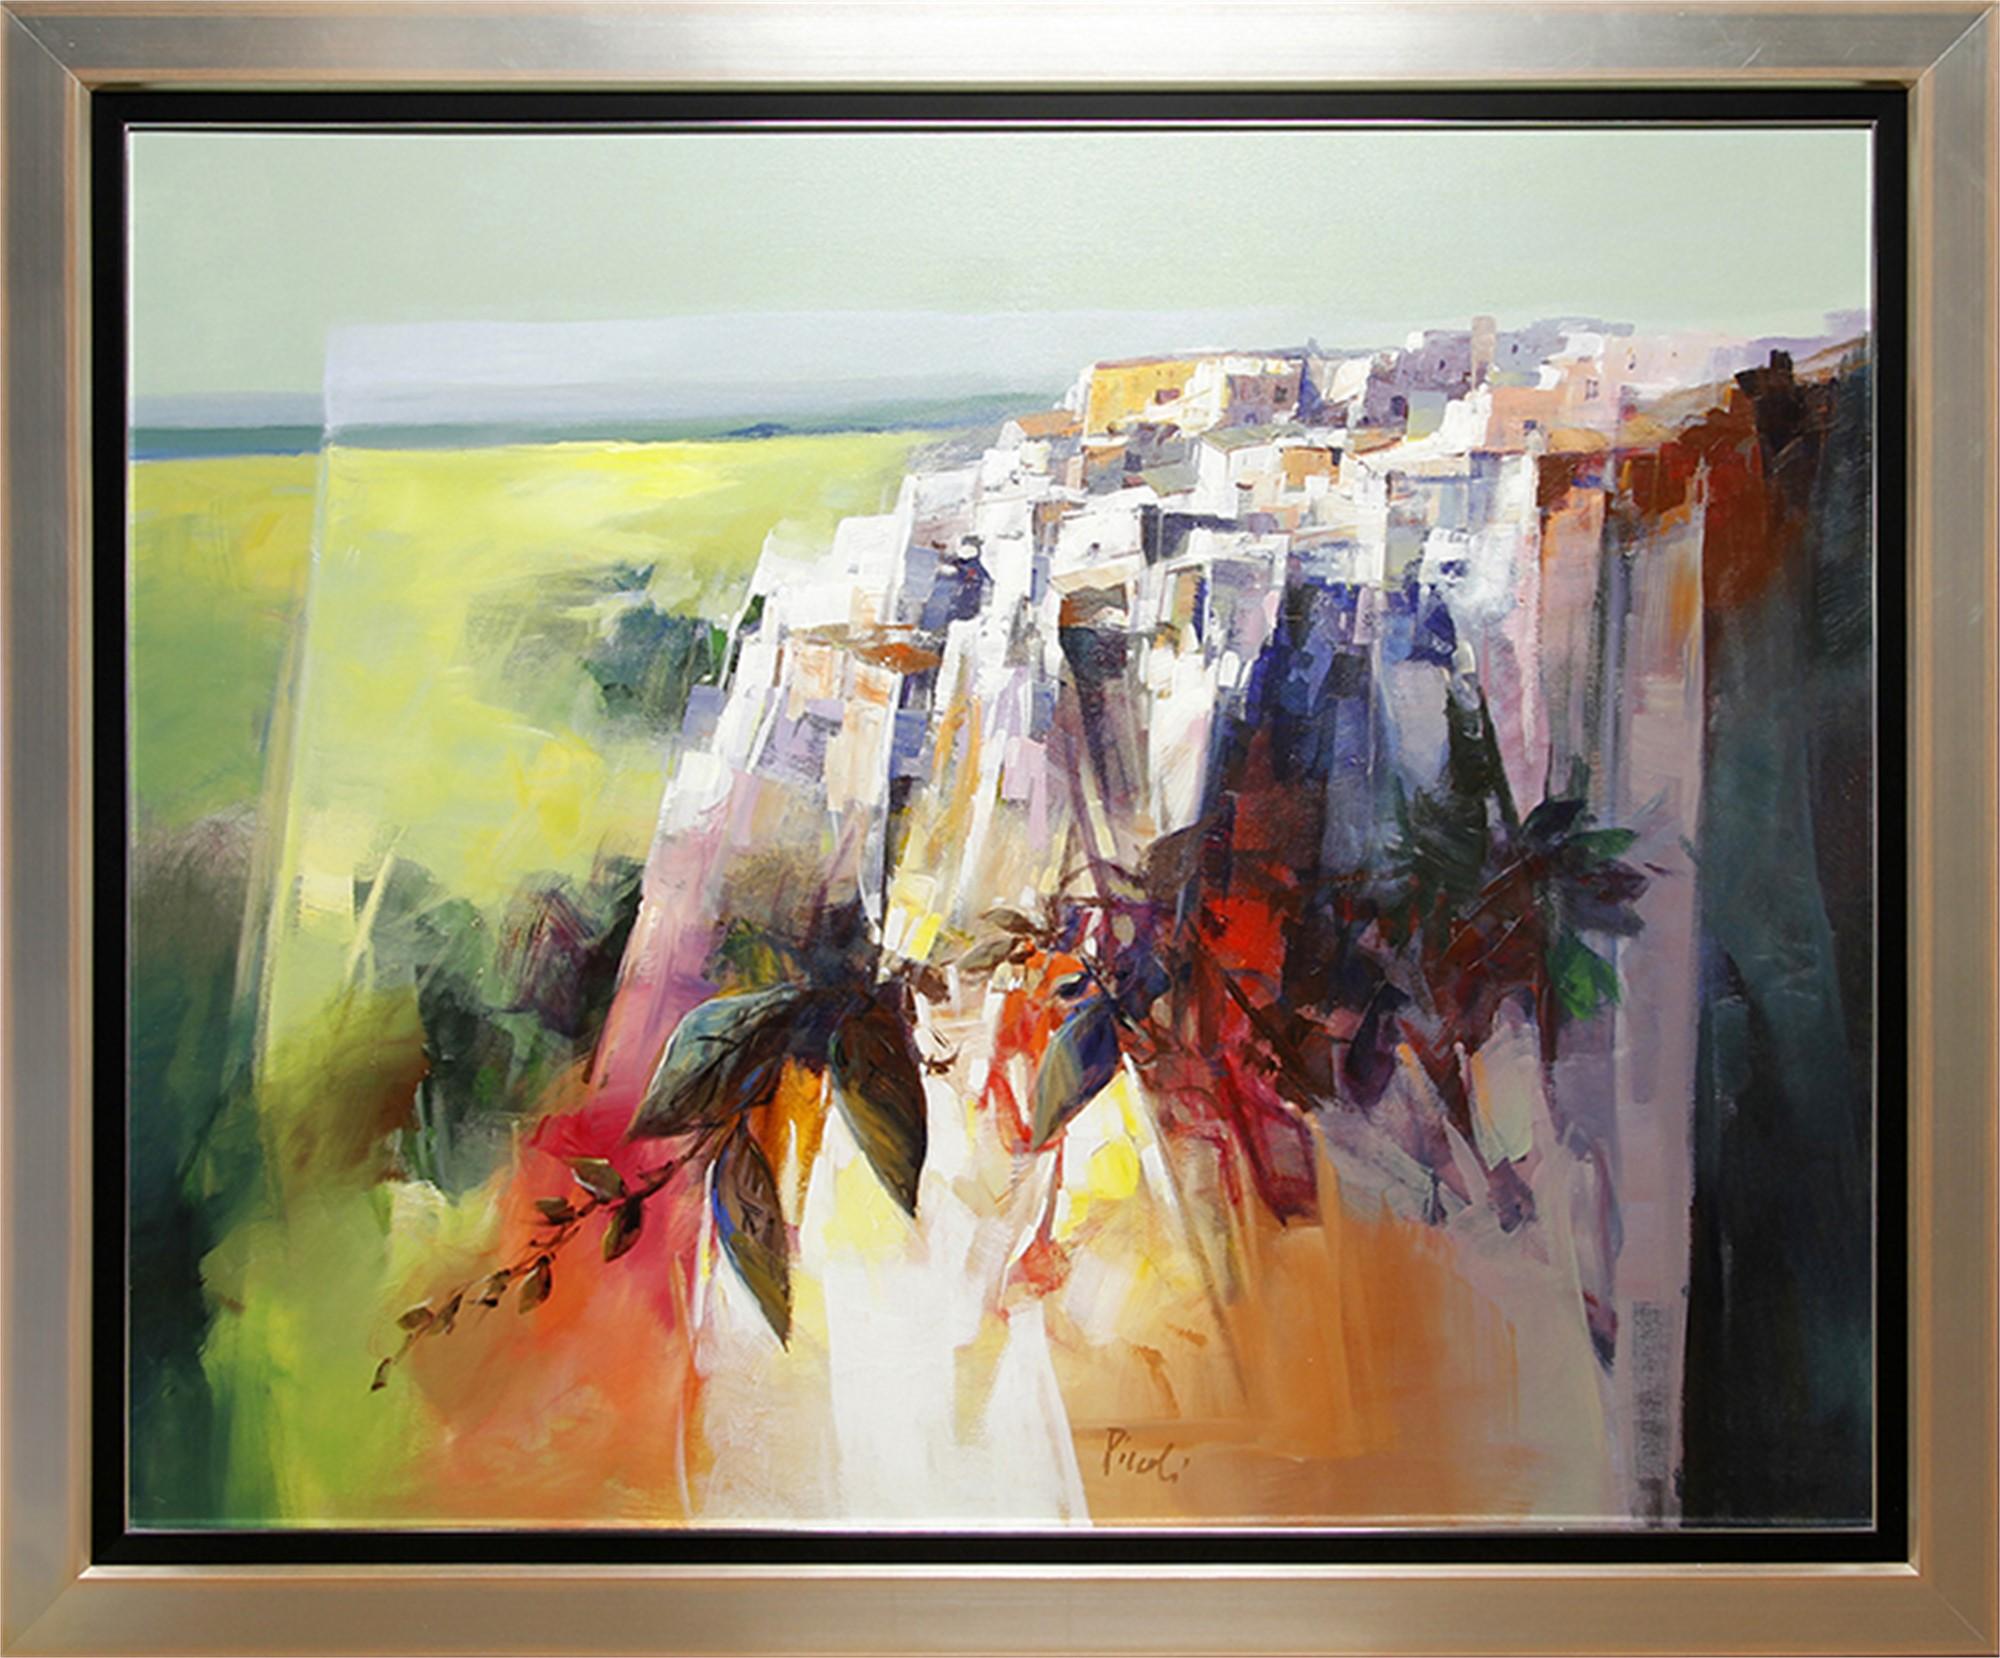 Sardinia Landscape by Pietro Piccoli